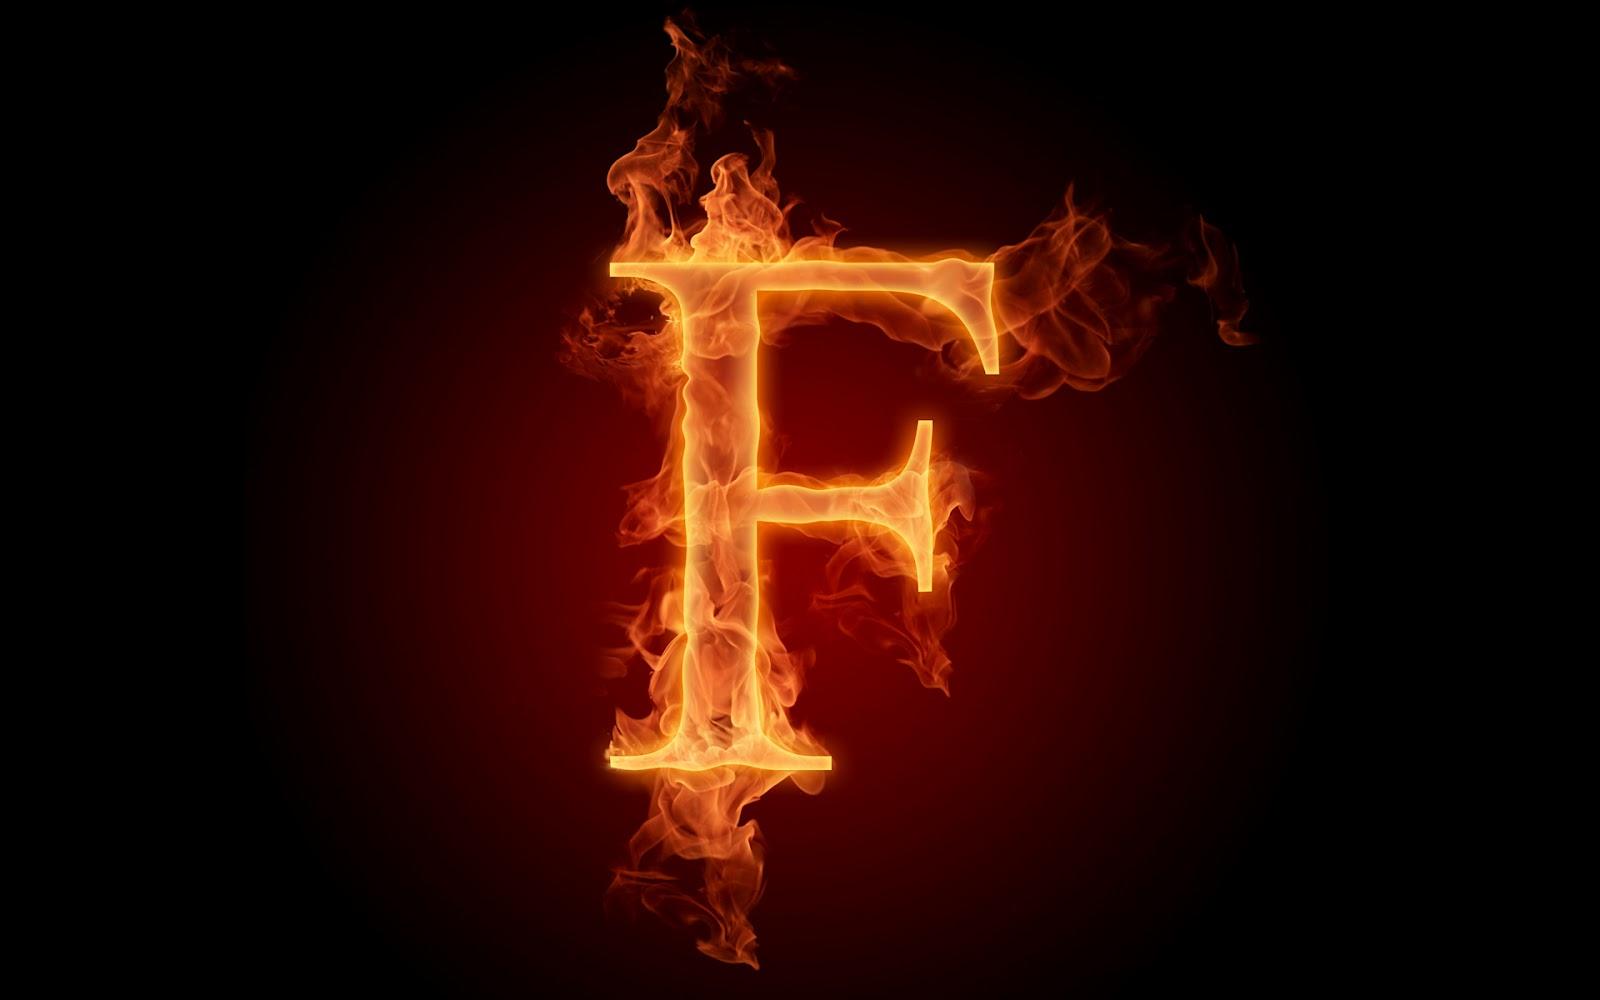 http://2.bp.blogspot.com/-sePvL6HkbEU/T0jWcitVlhI/AAAAAAAAM6g/eEiDtsKgZyg/s1600/the-fiery-english-alphabet-picture-f_1920x1200_73620.jpg